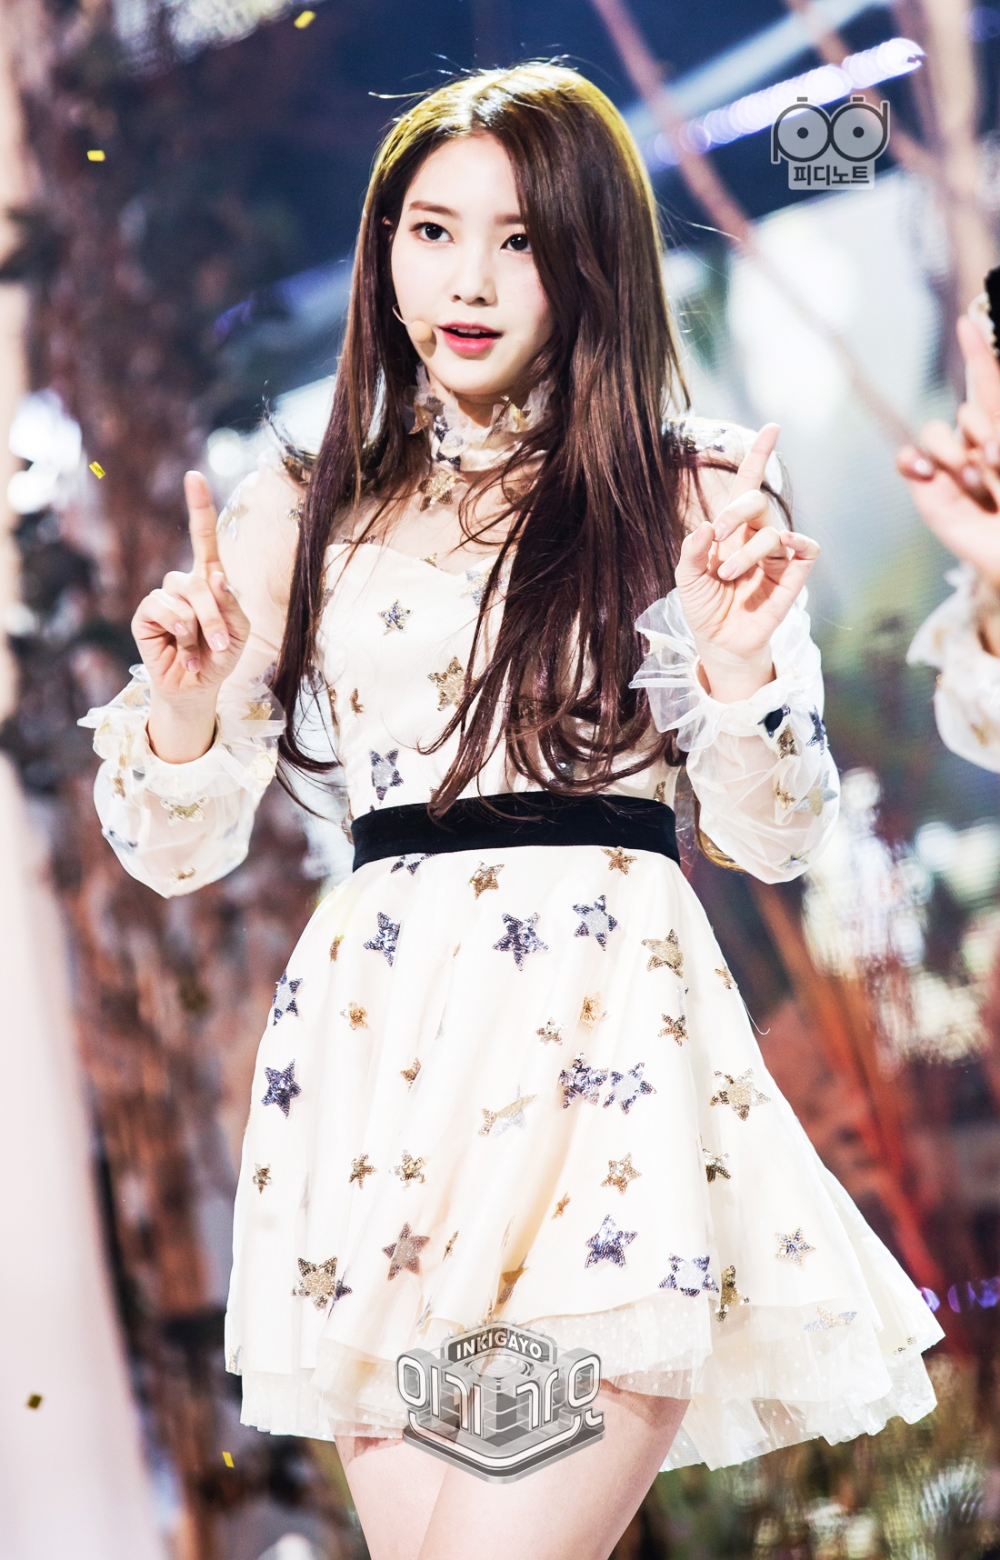 오마이걸 컴백 무대가 있다.